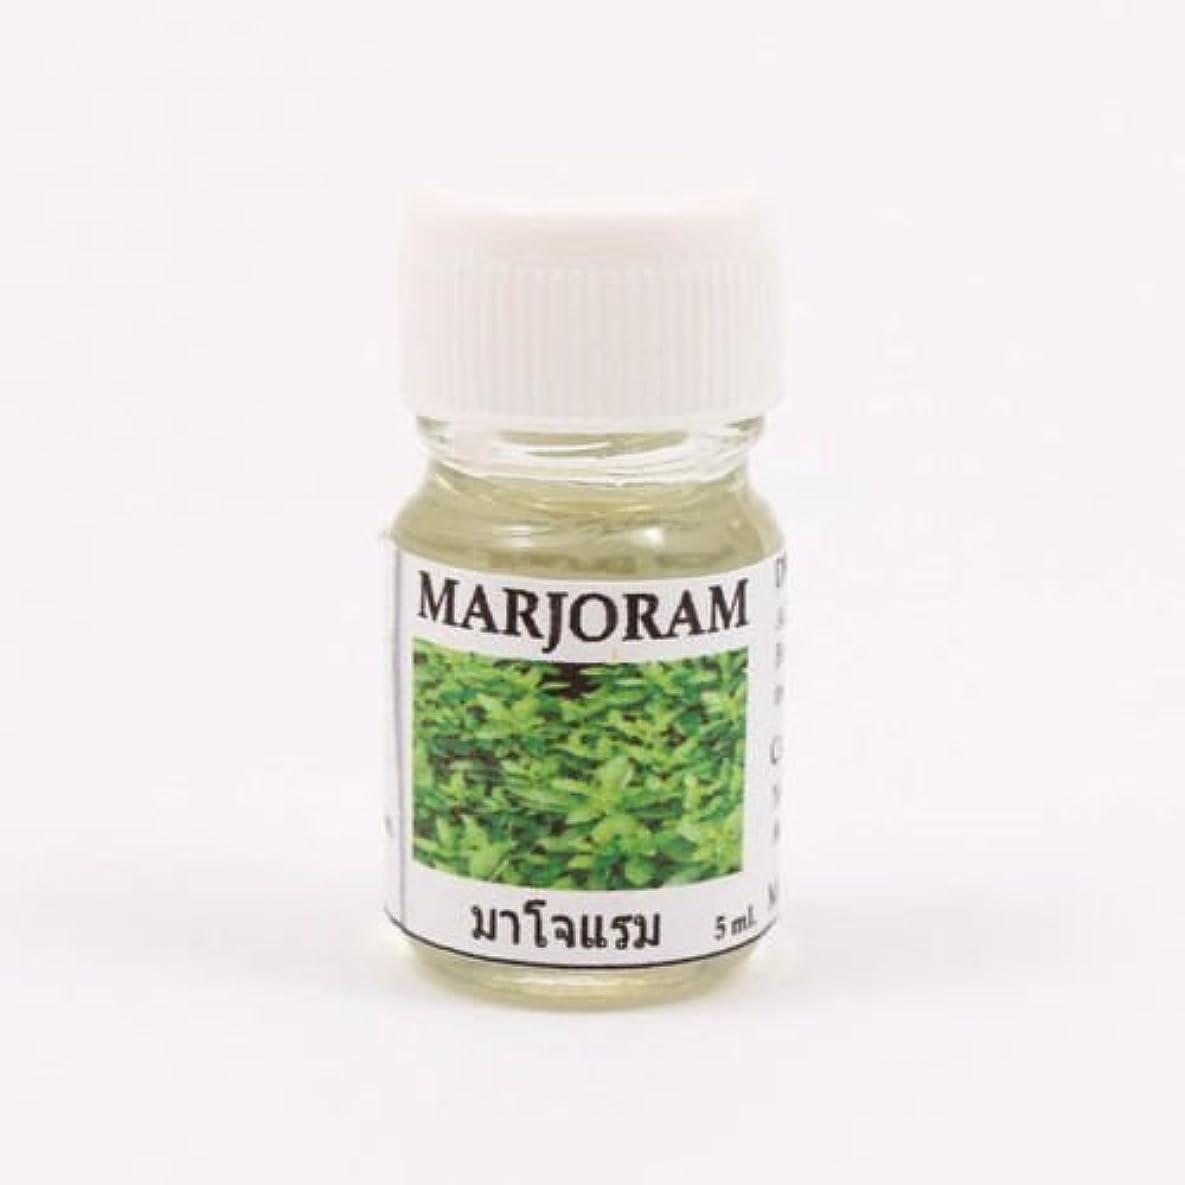 歩く寛大さ三番6X Marjoram Aroma Fragrance Essential Oil 5ML (cc) Diffuser Burner Therapy